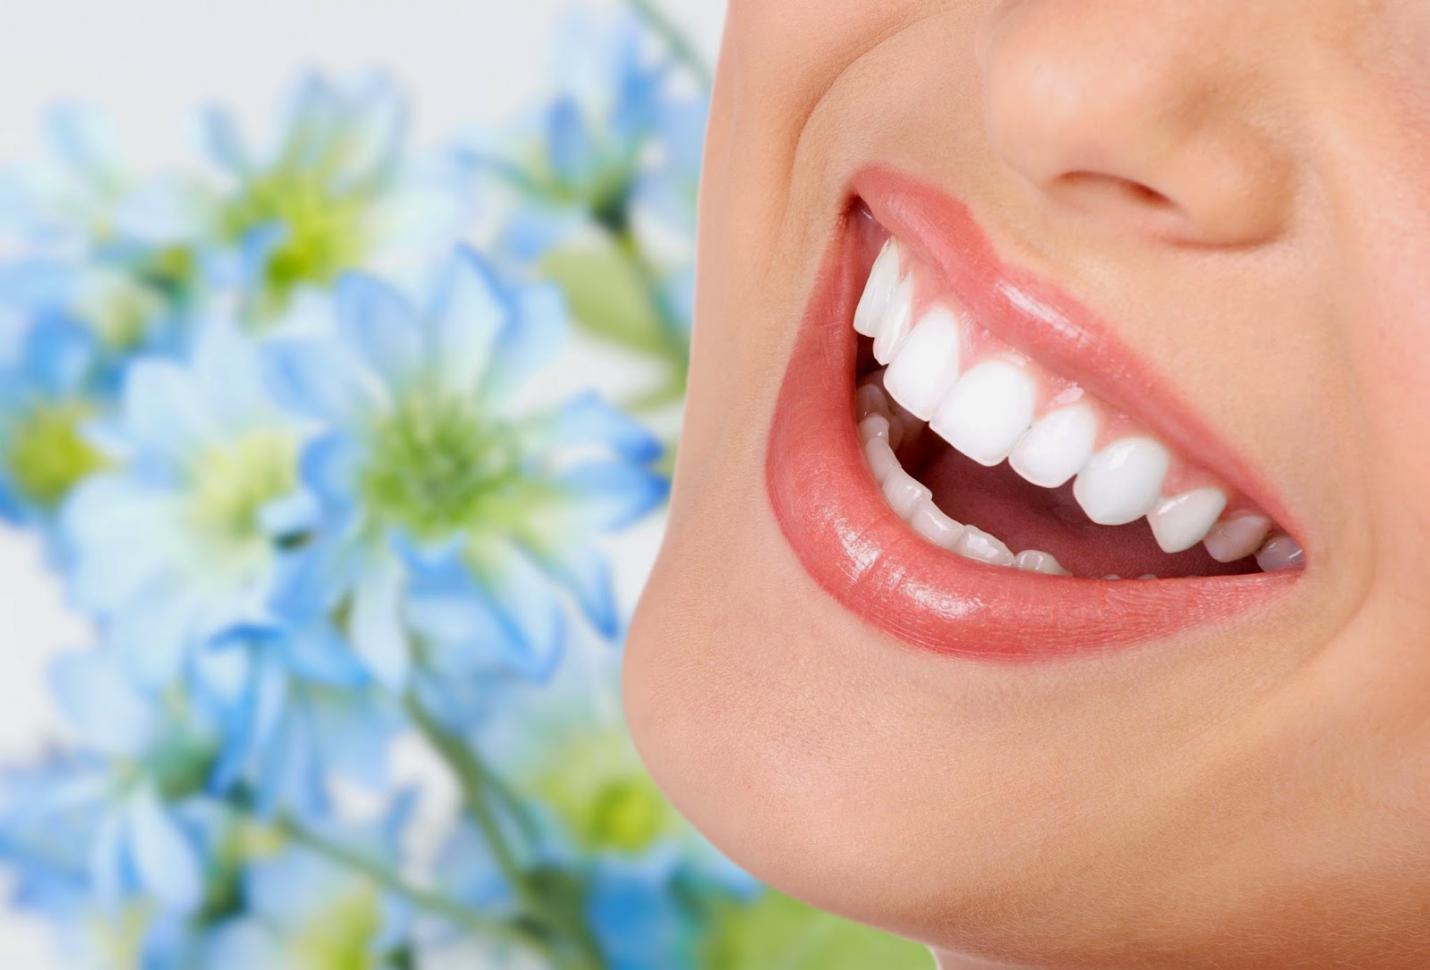 Xu hướng bọc răng sứ của người trẻ hiện đại - Ảnh 3.